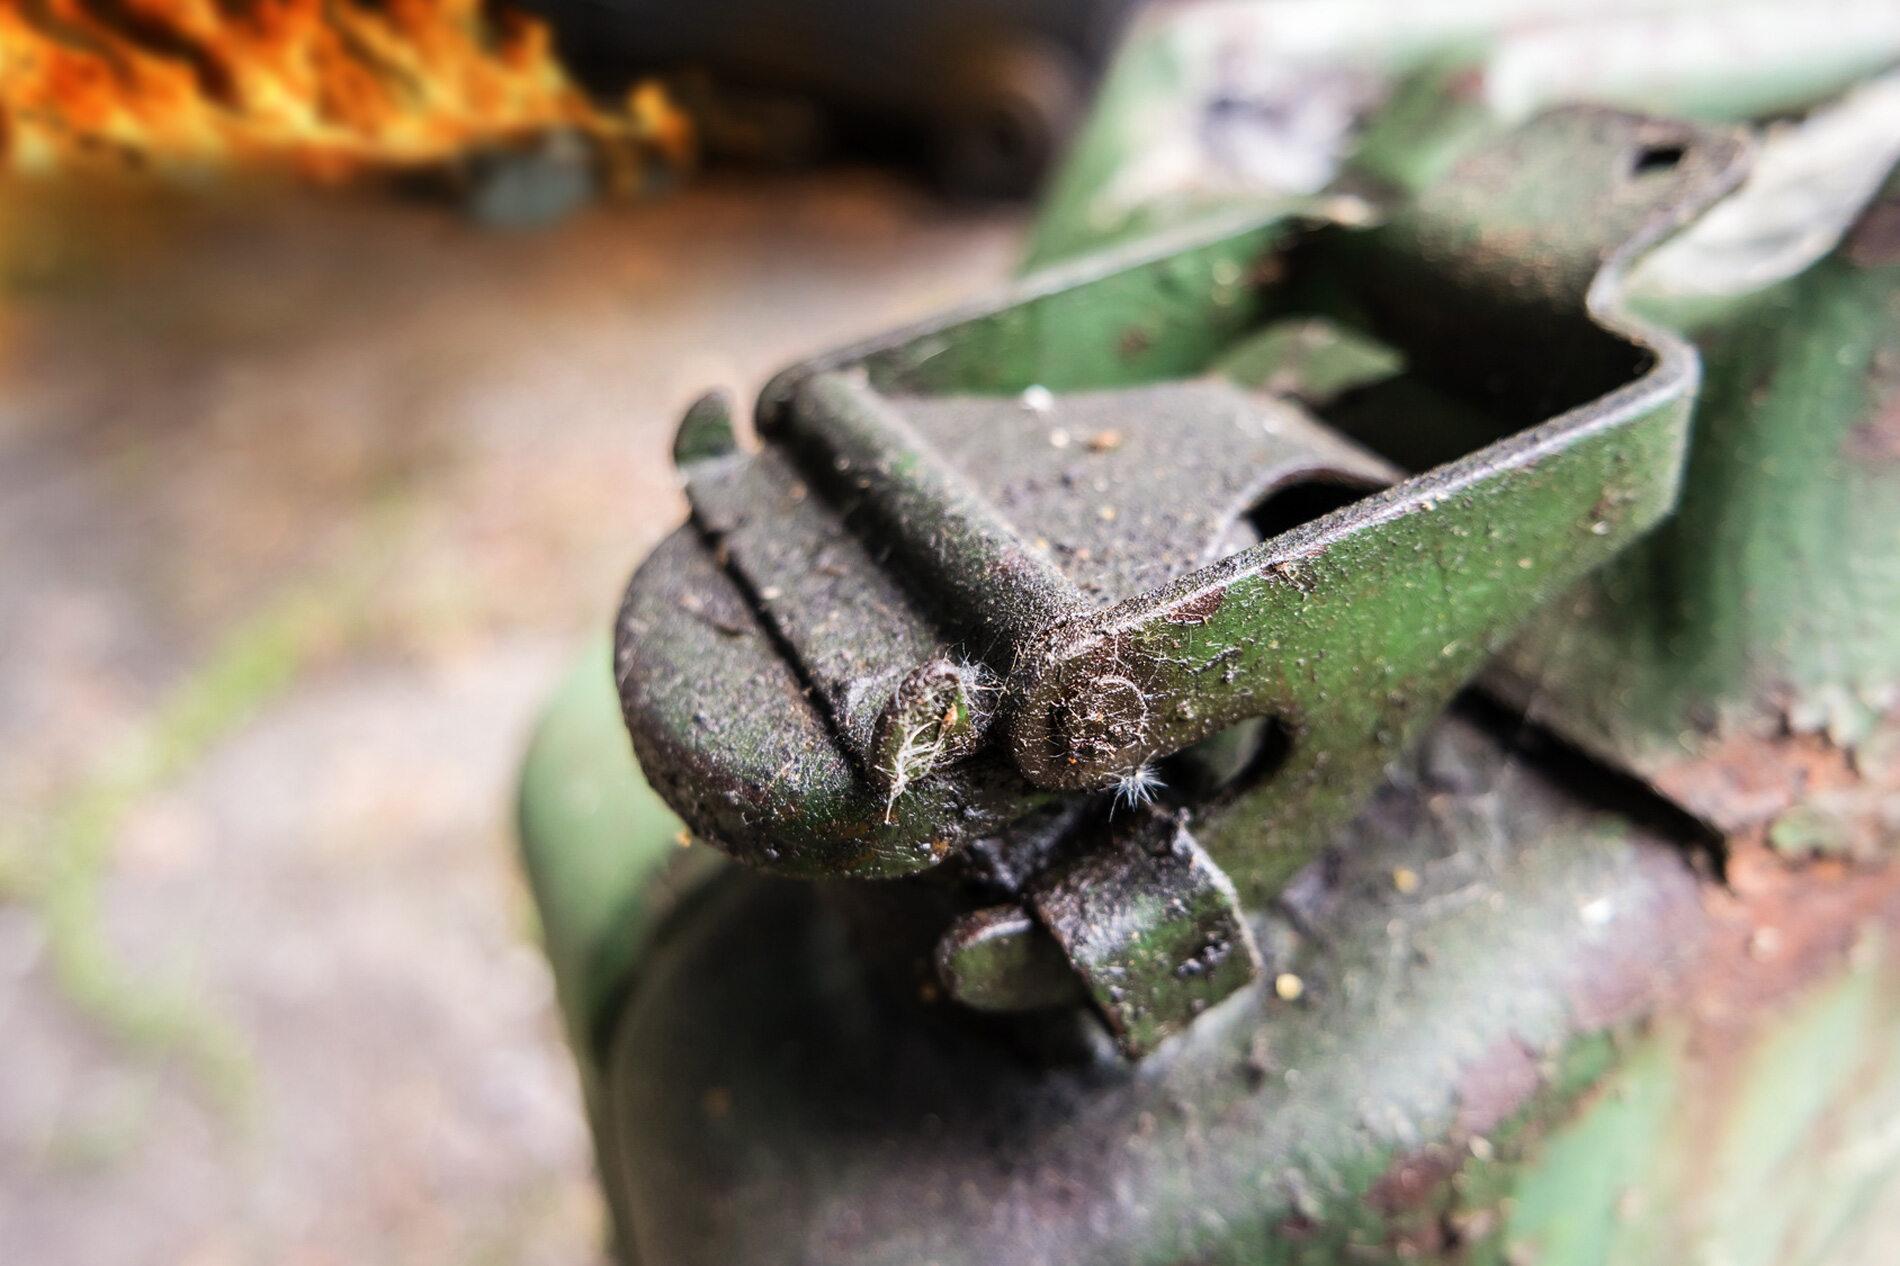 Kanister, zdjęcie ilustracyjne